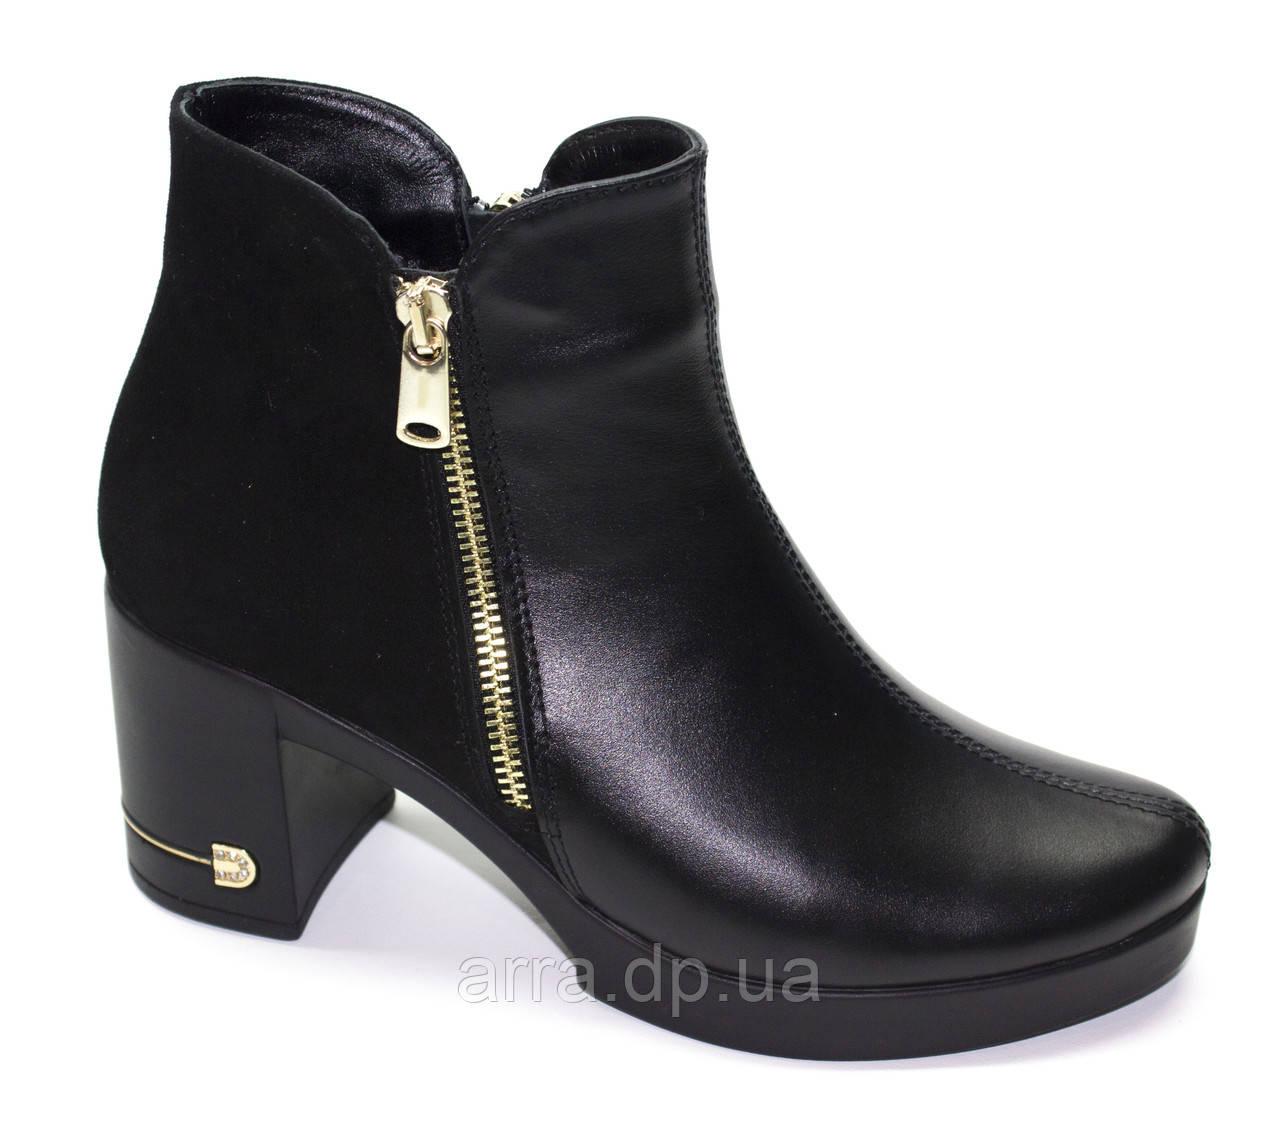 Кожаные демисезонные ботиночки на молнии